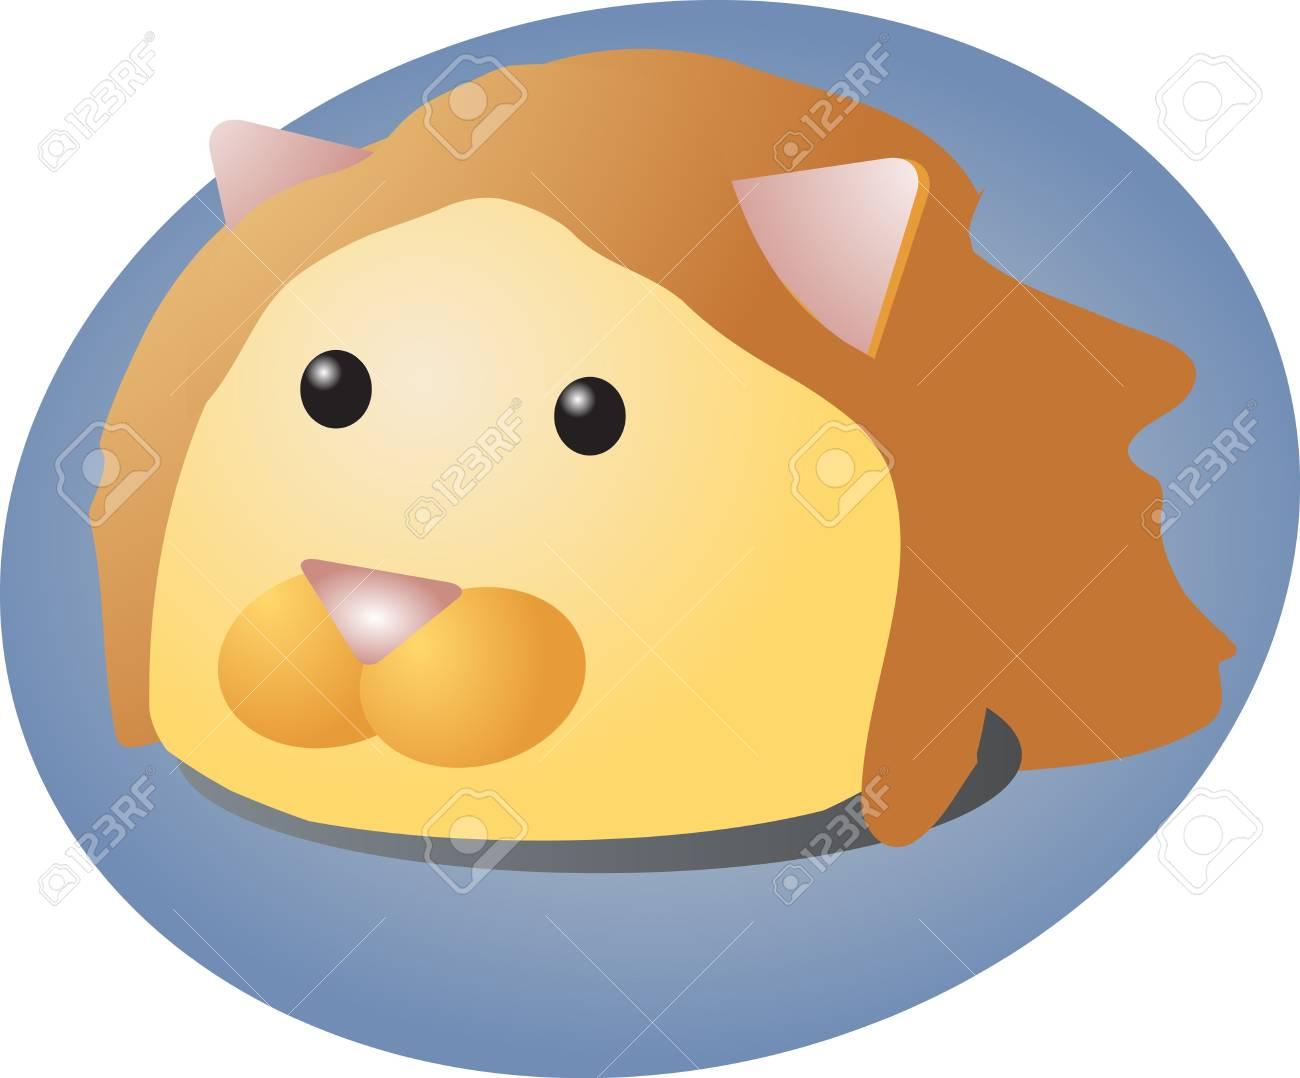 ライオン、かわいい動物イラストの漫画の頭 ロイヤリティーフリーフォト